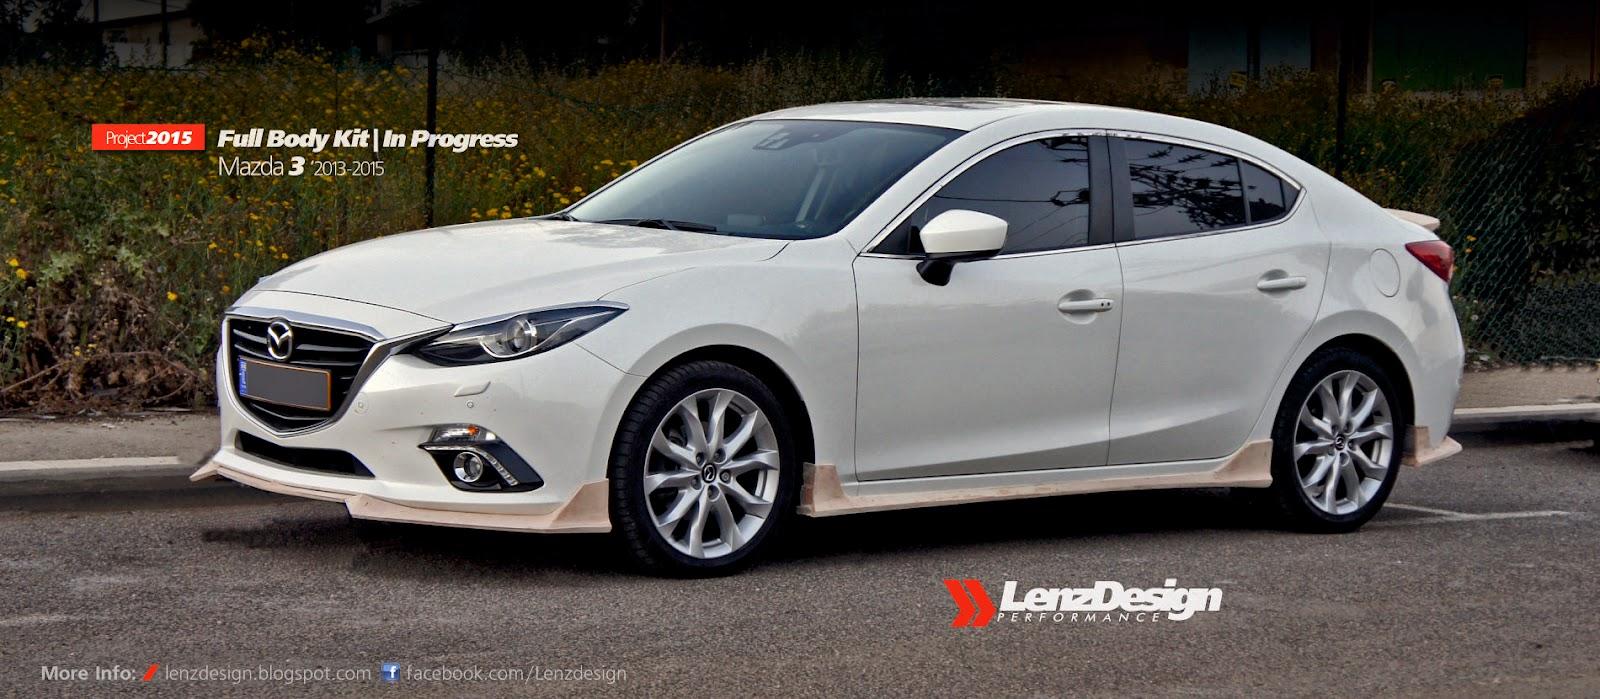 Mazda 3 Hatchback White 2017 >> Mazda 3 BM Axela Tuning & Body Kit Lenzdesign Performance 2013 2014 2015 2016 2017 2018